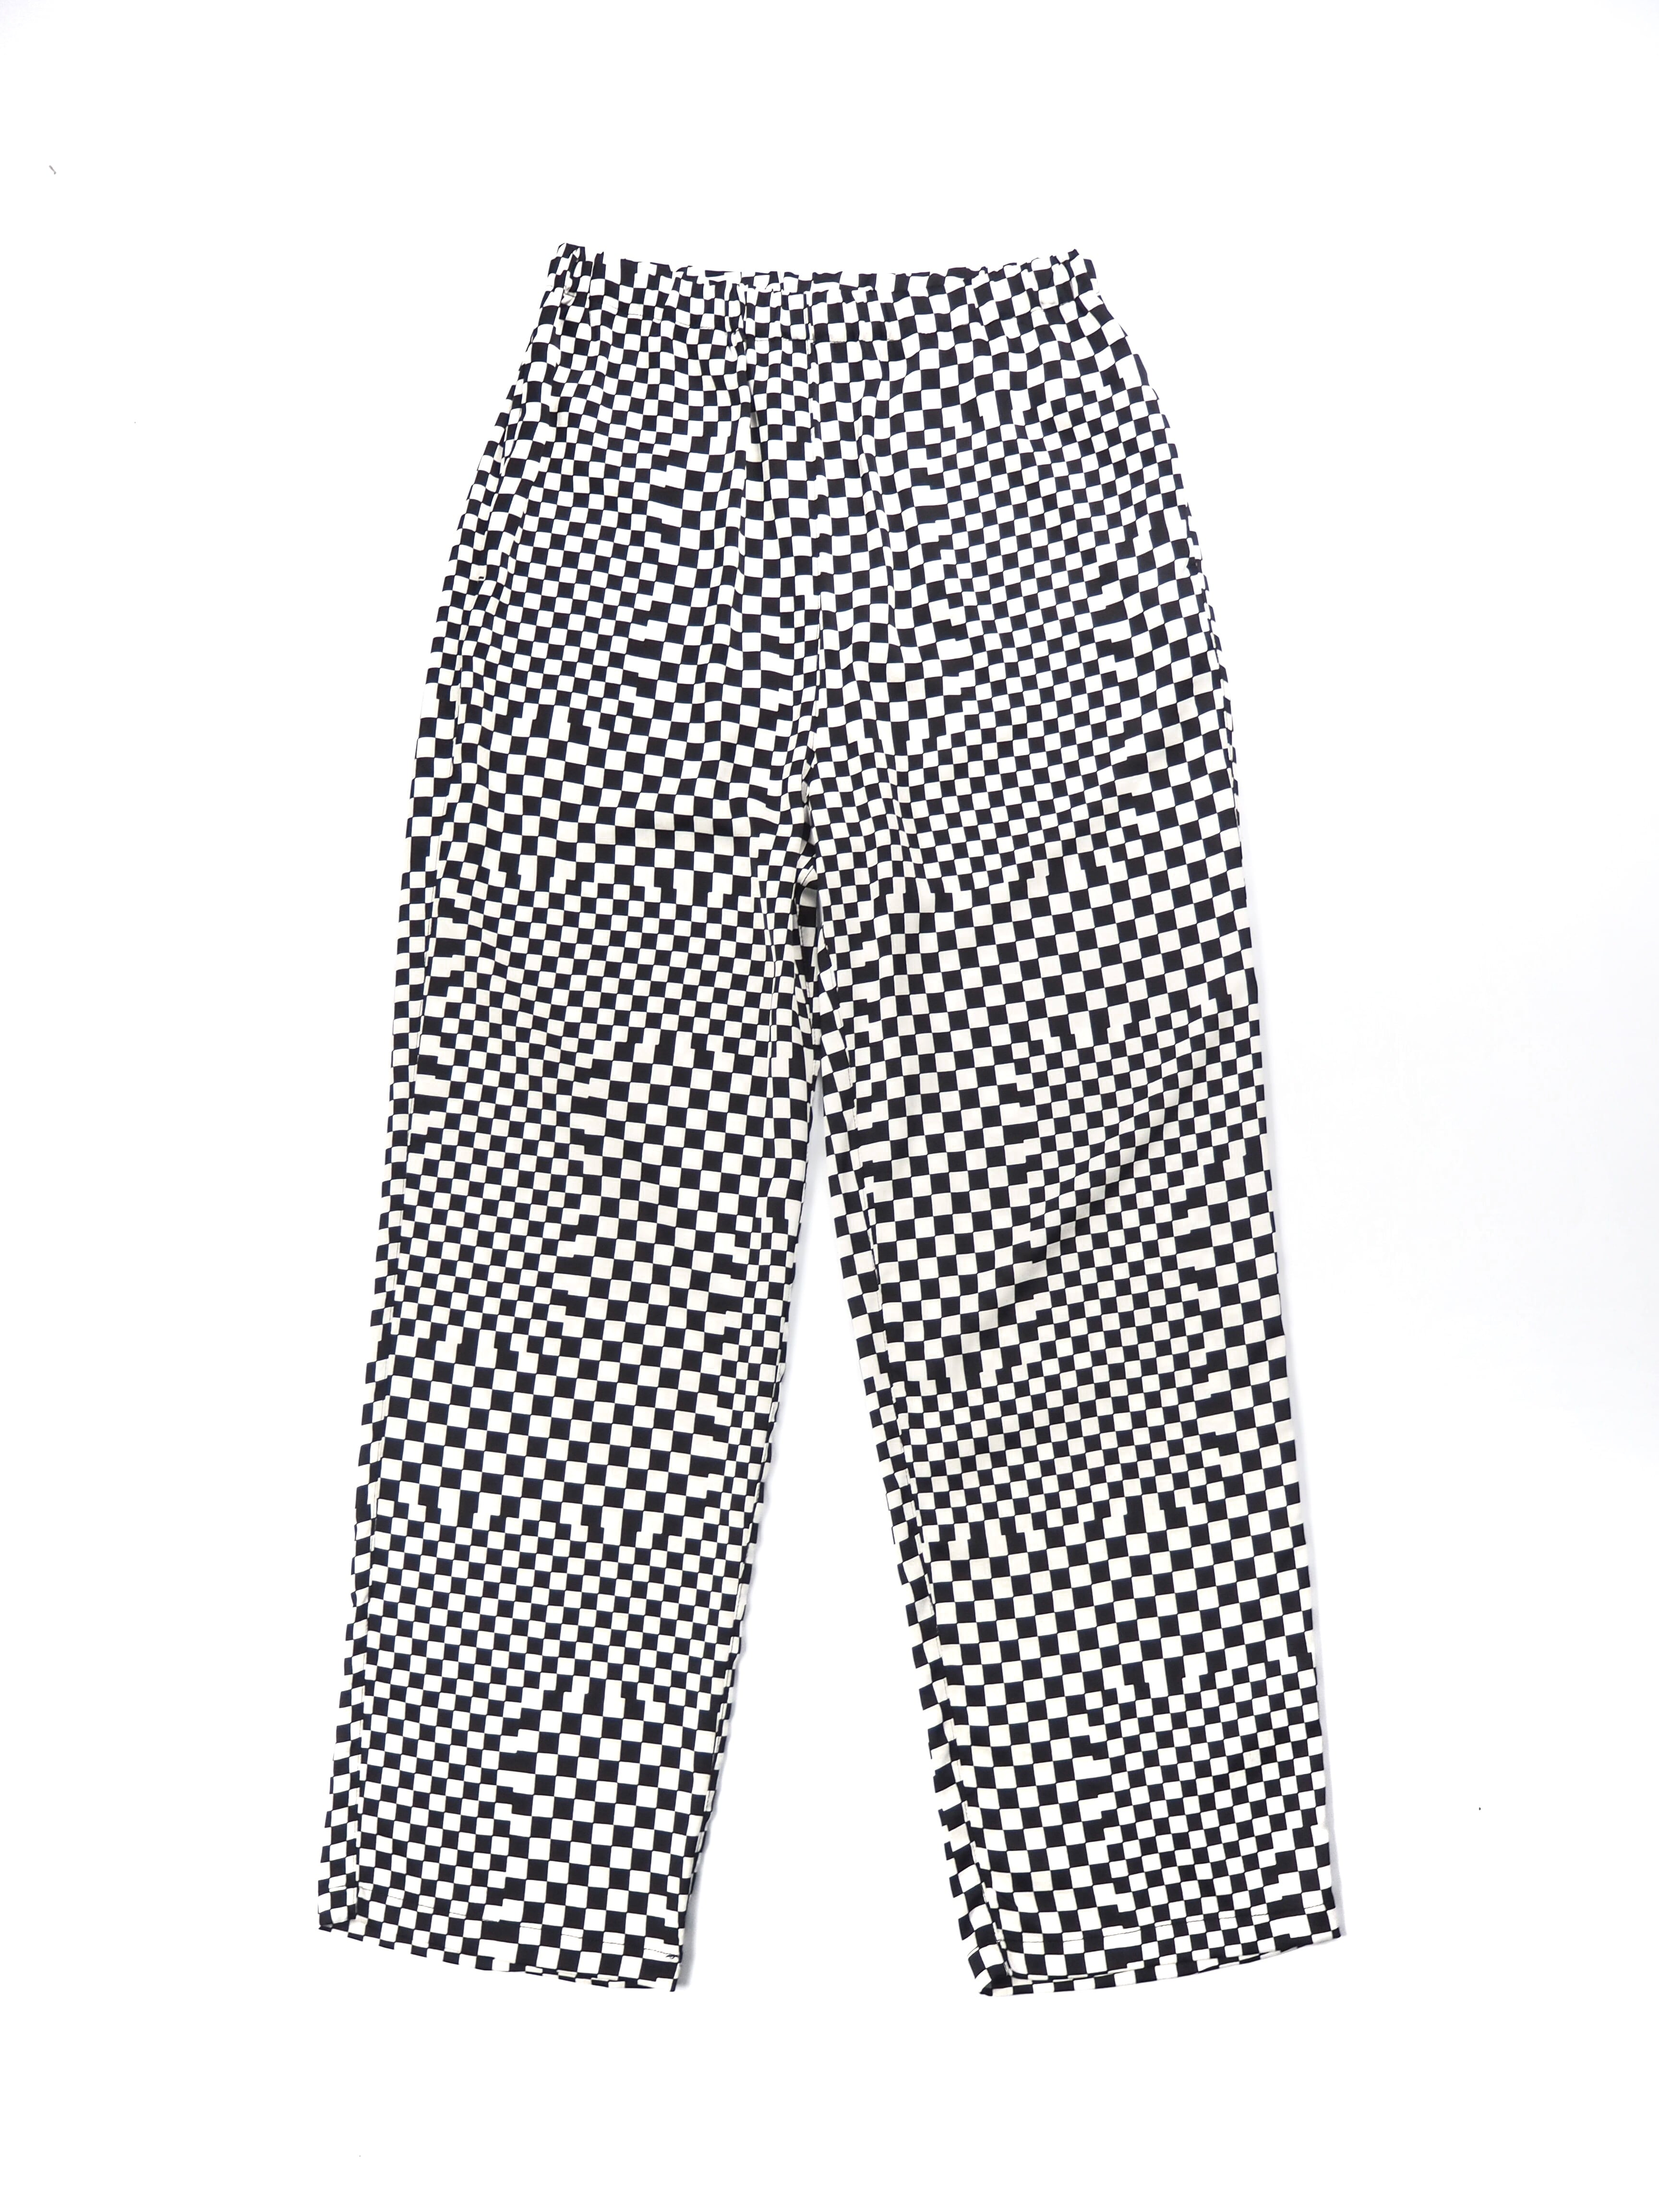 【PROVOKE】CHECKER EASY PANTS